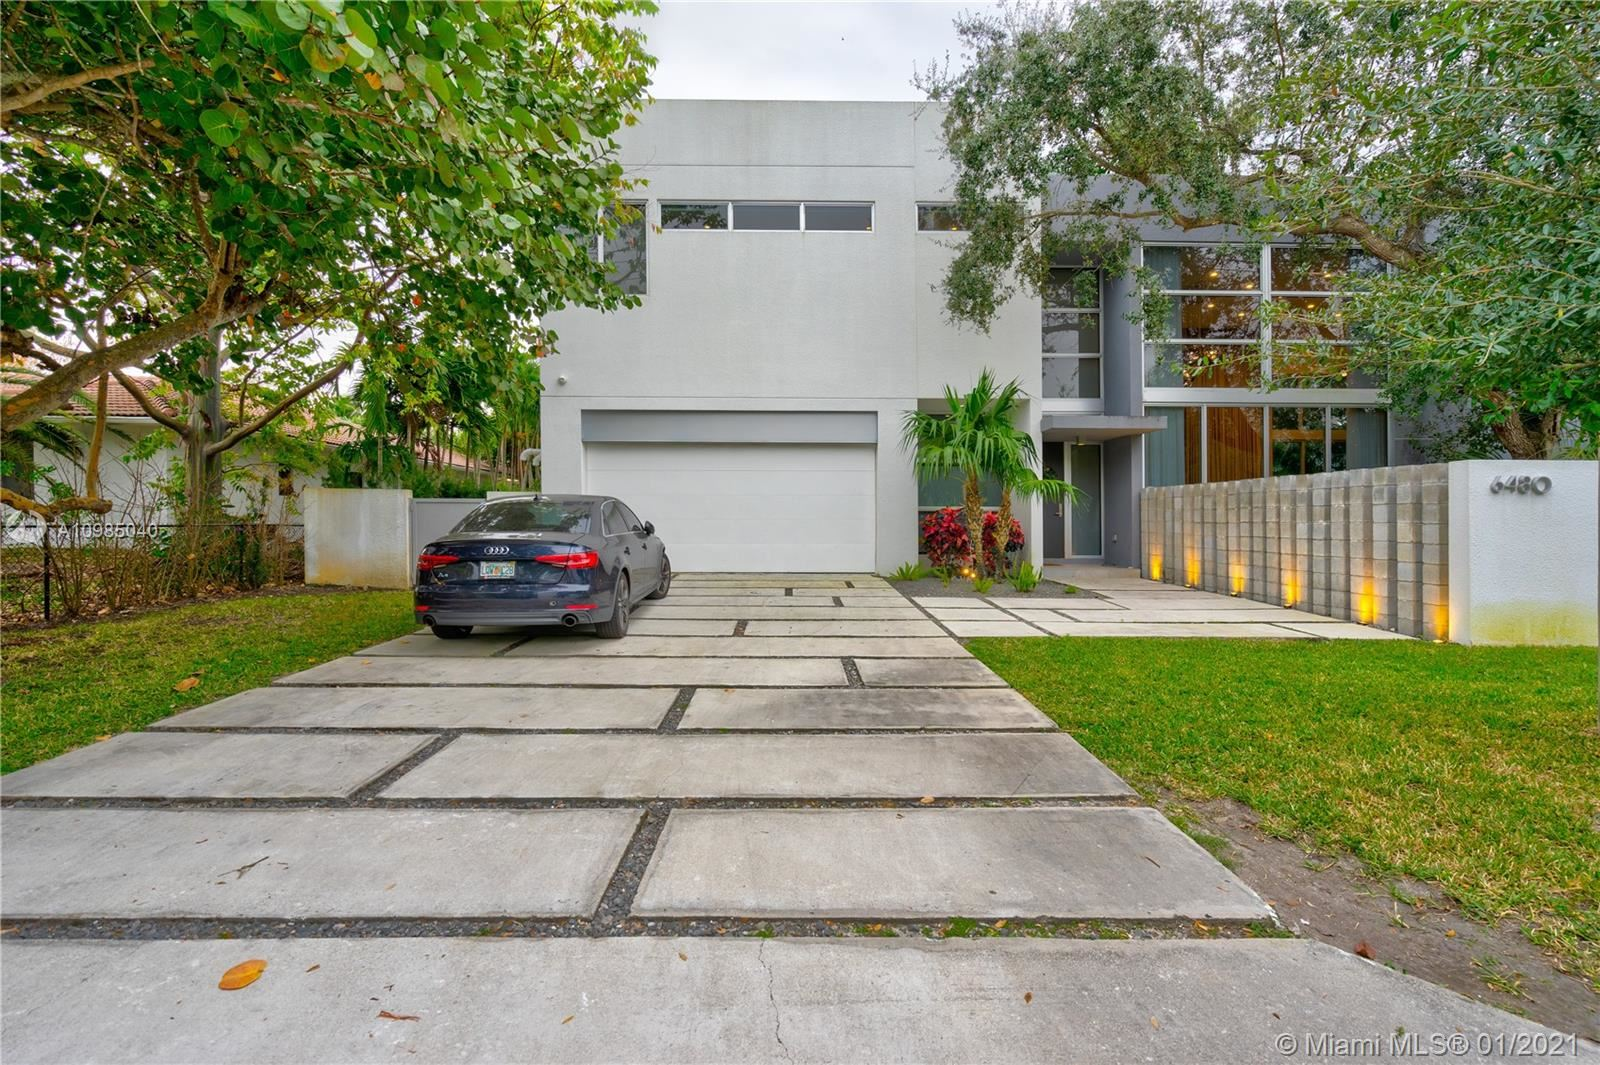 6480 SW 84th St, Miami, FL 33143 - #: A10985040